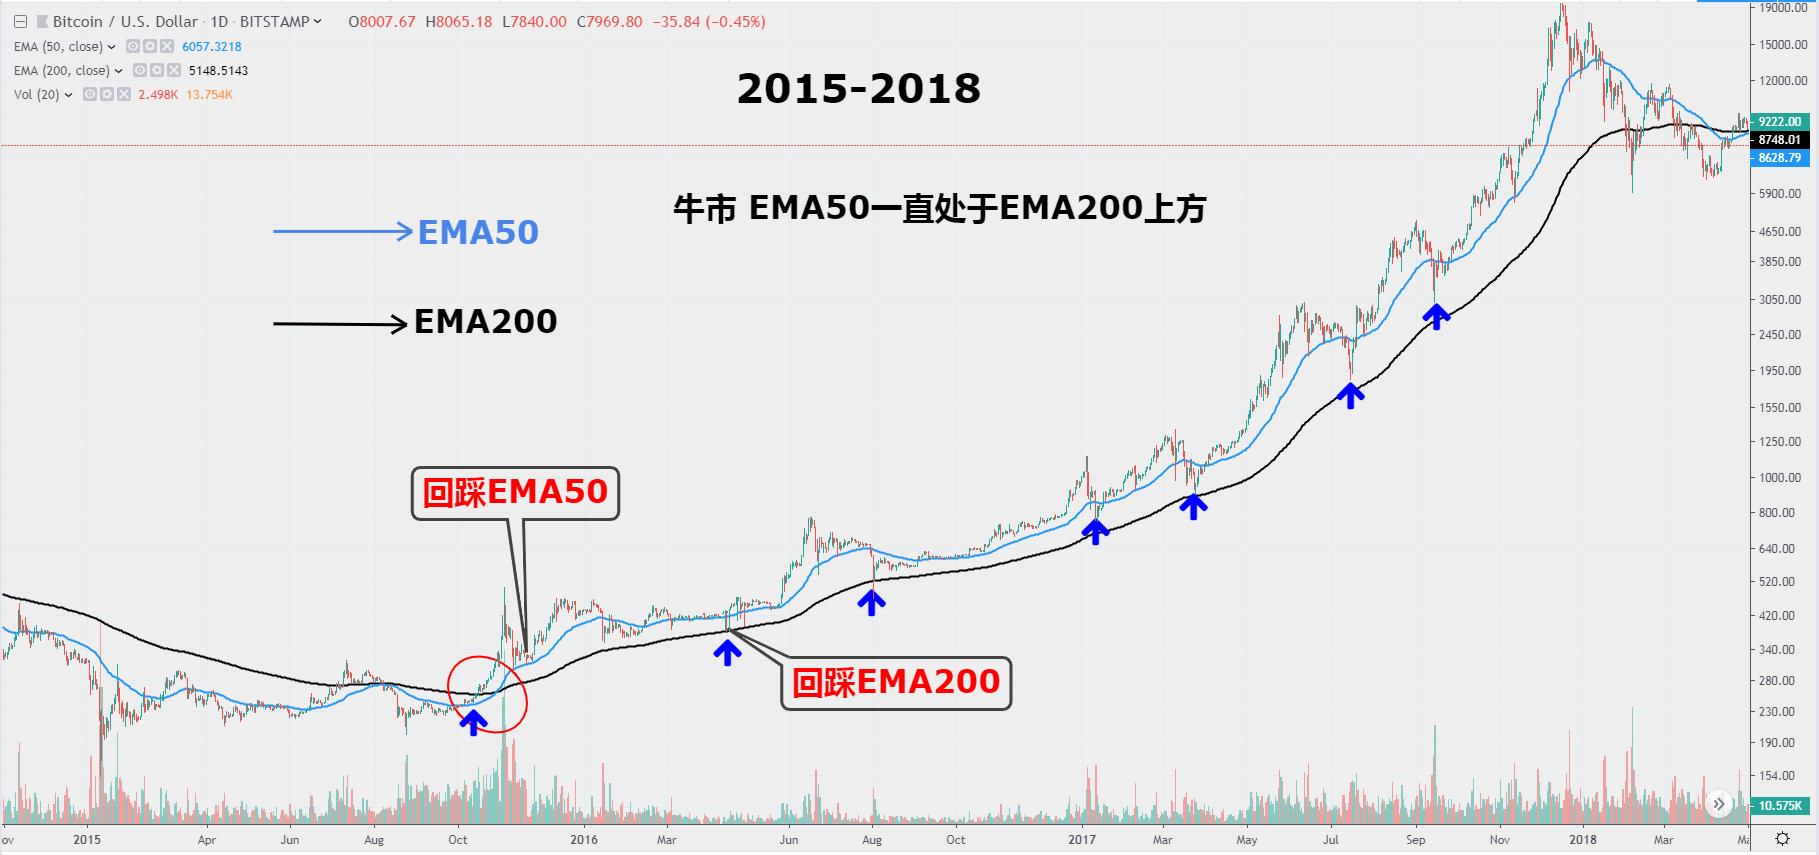 快訊 | 分析:當前BTC大概率處於下一輪大牛市的初始階段